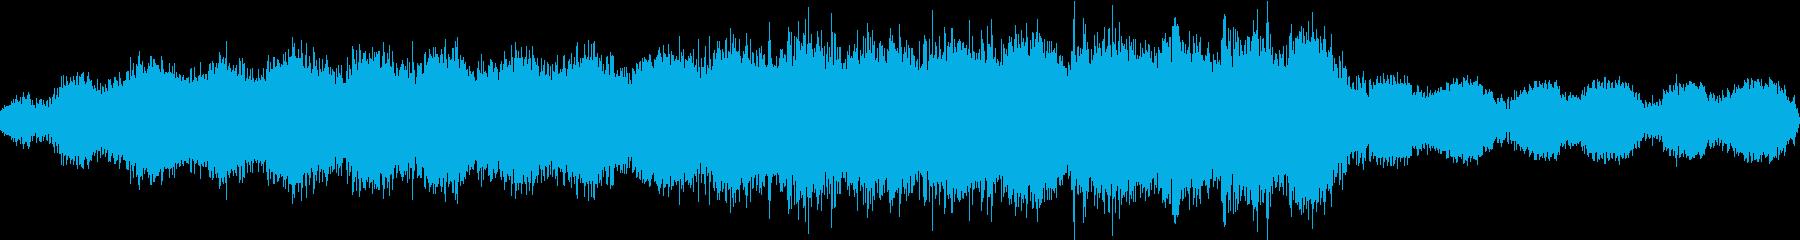 聖歌隊のドローンは、反響的な倍音と...の再生済みの波形